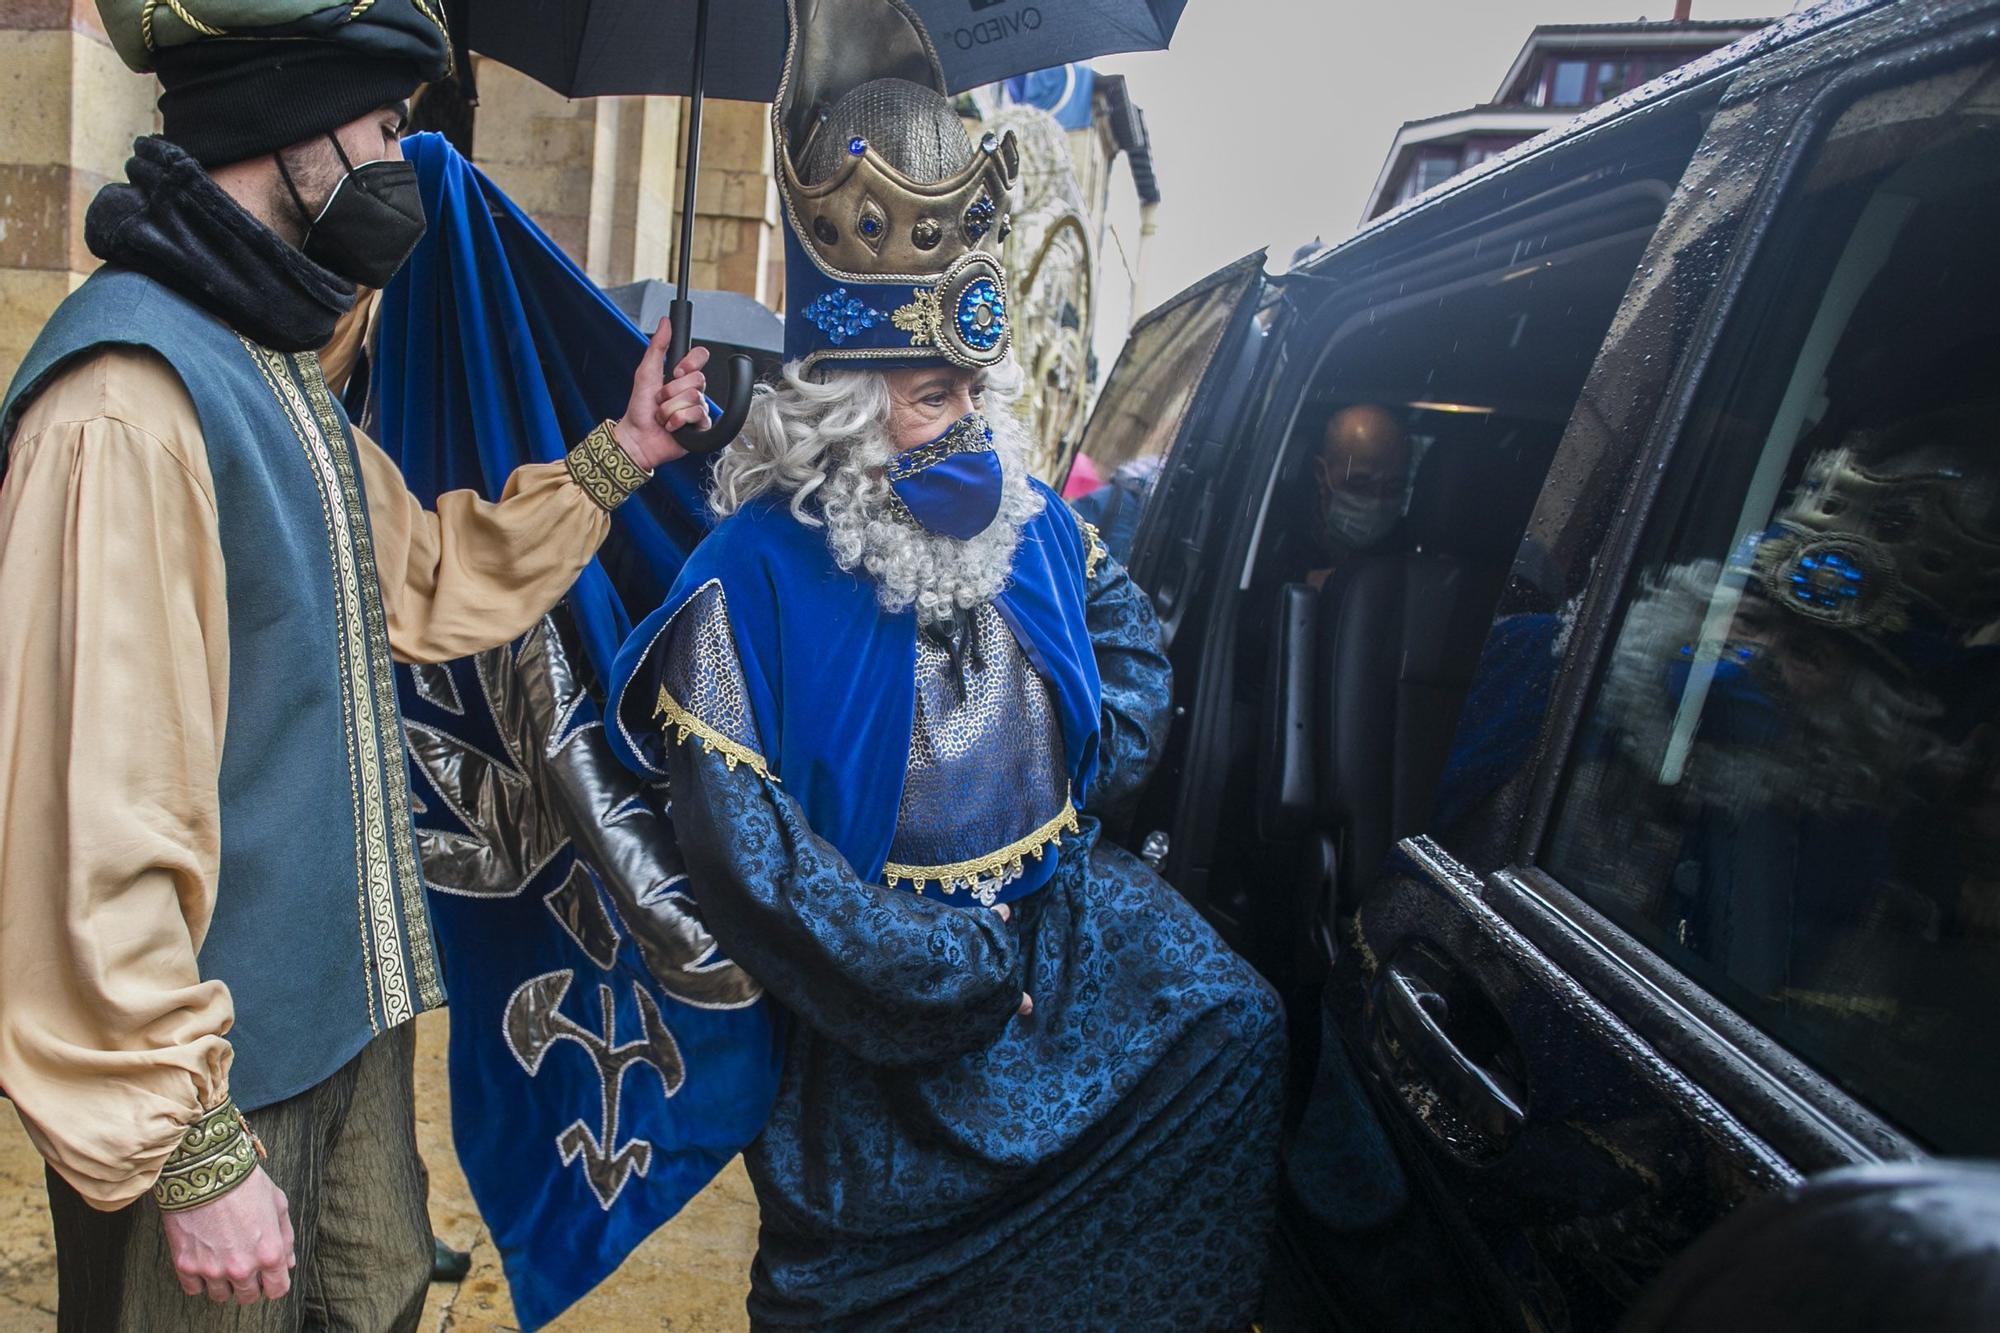 Recepción de los Reyes Magos en Oviedo, enero 2021